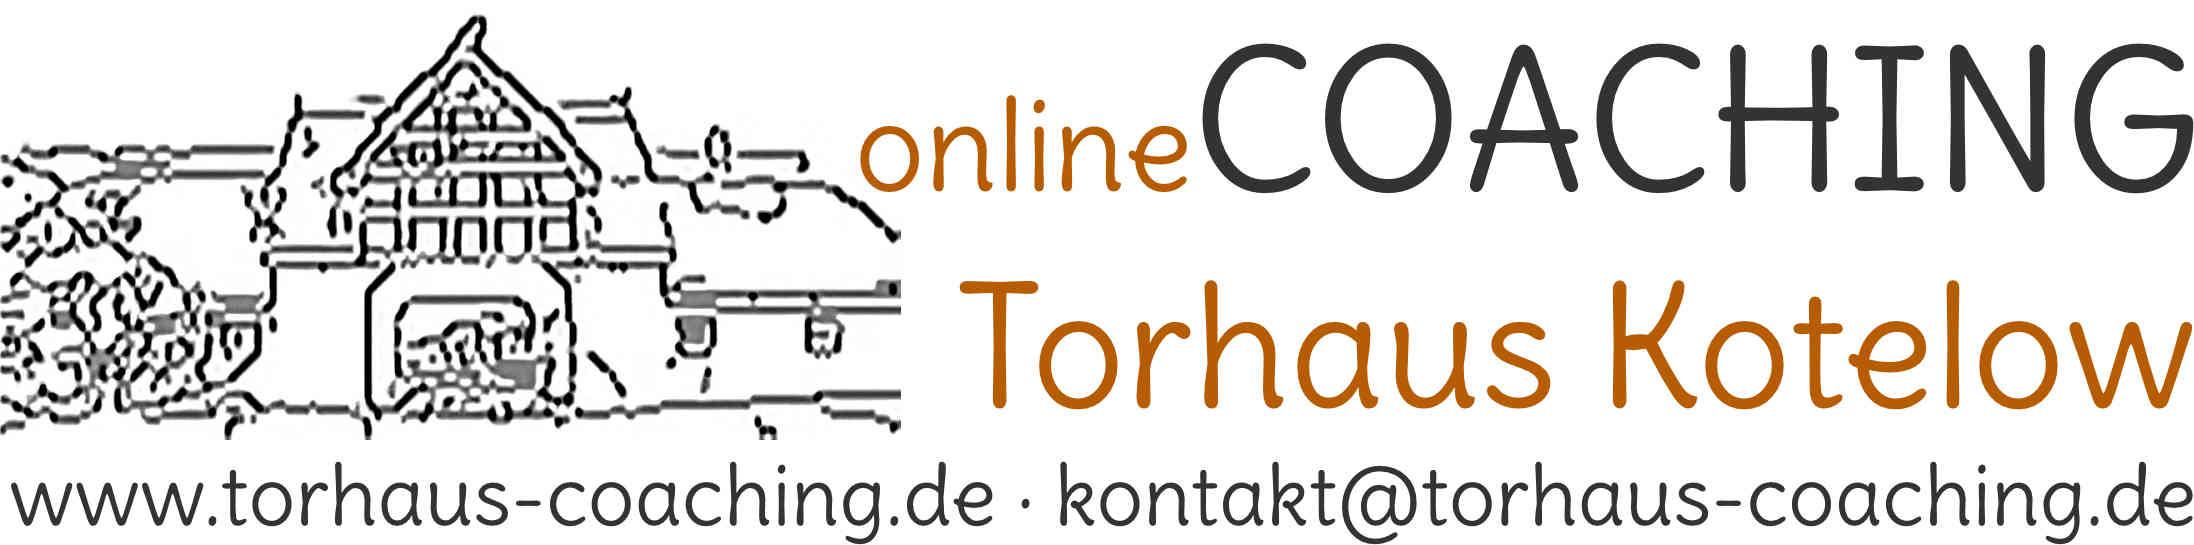 Logo Online Coaching Torhaus Kotelow